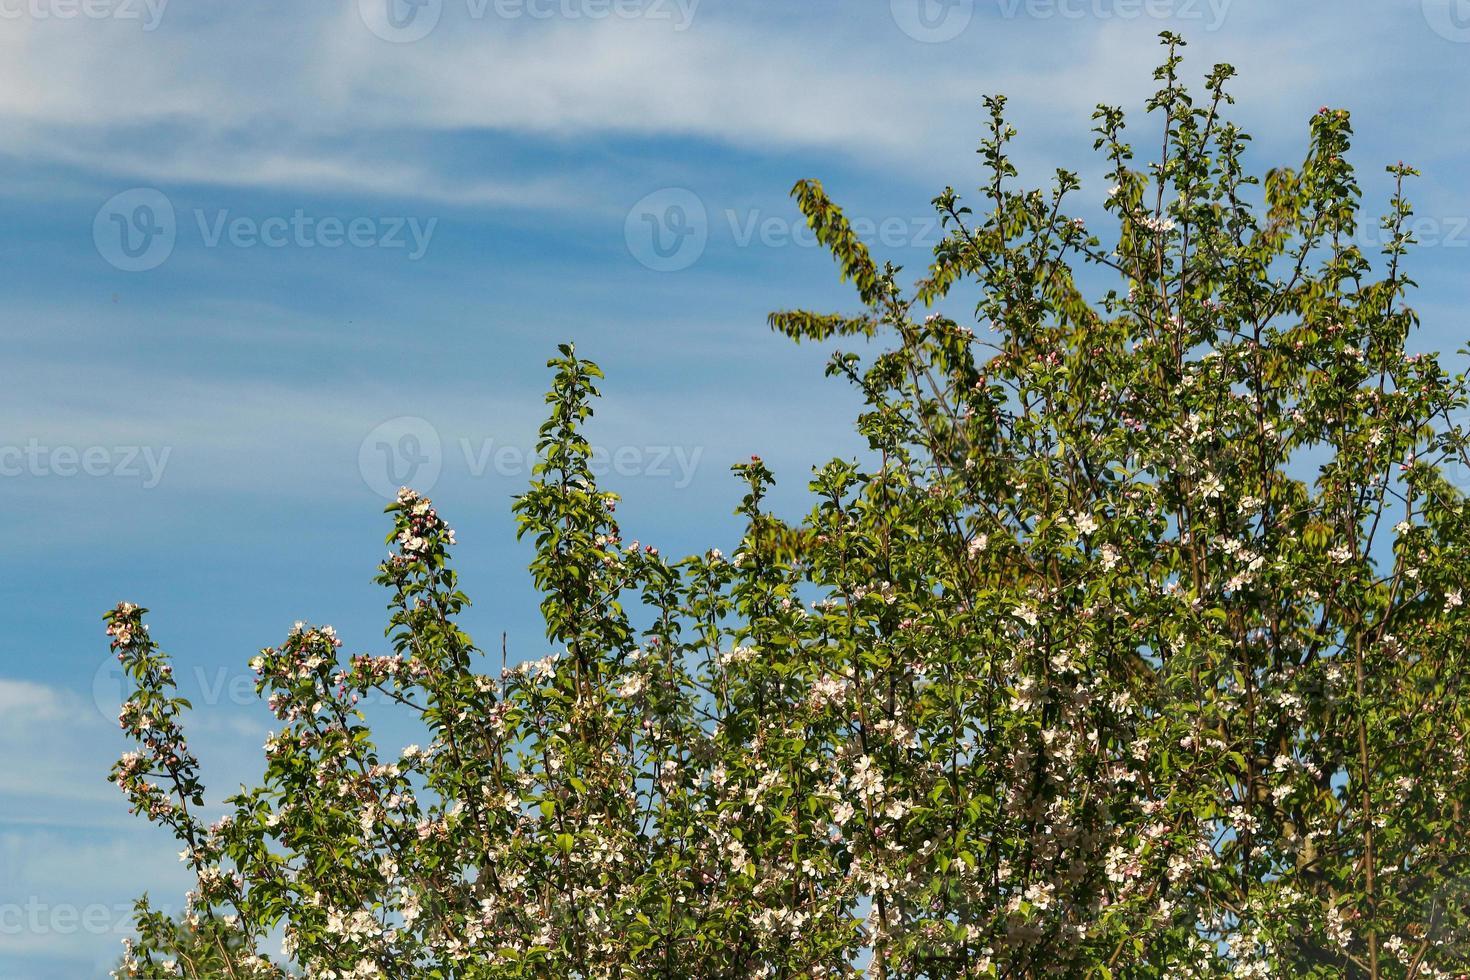 groene boomtakken met bladeren op blauwe lucht met omzoomde wolken foto